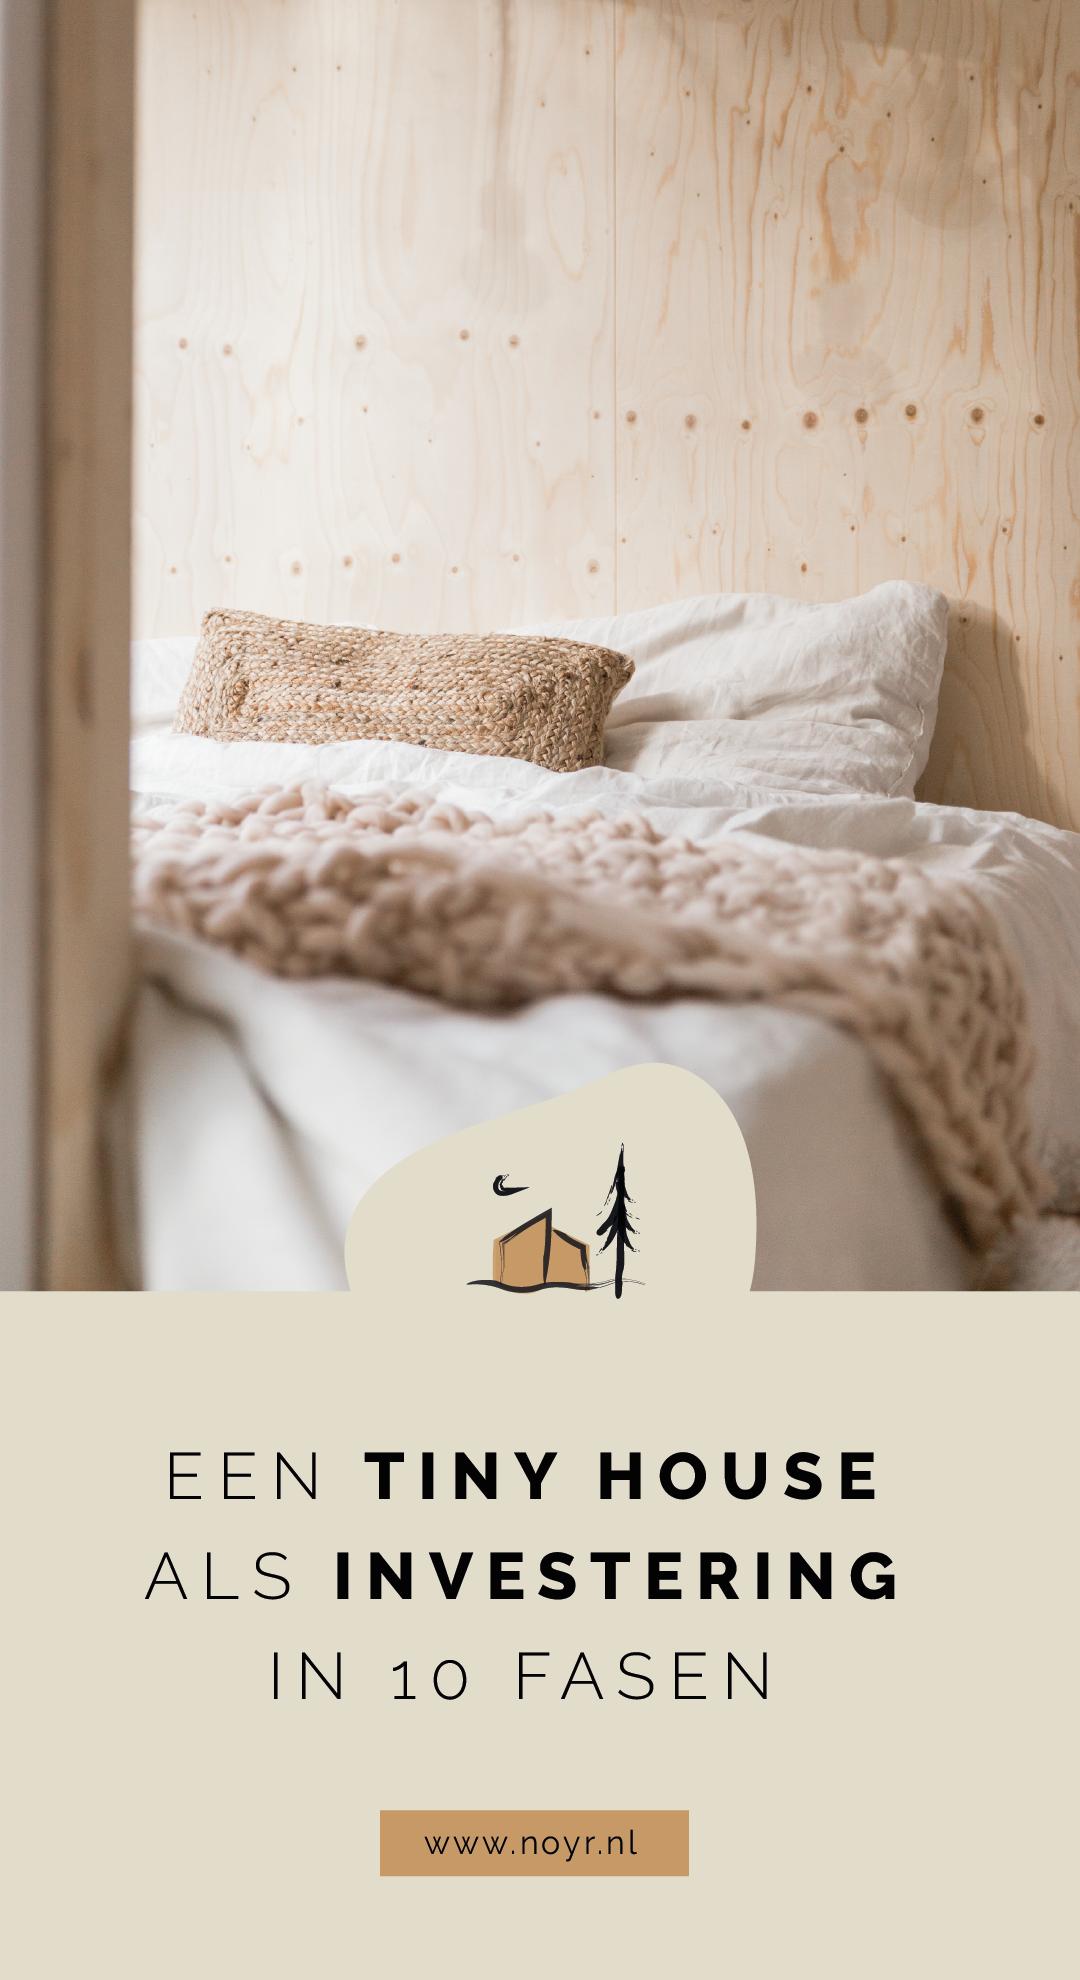 Tiny house als investering in 10 fasen | Tiny house belegging | Investeren in een recreatiewoning | Tiny house kopen | Geld verdienen met een tiny house | Tiny house kopen